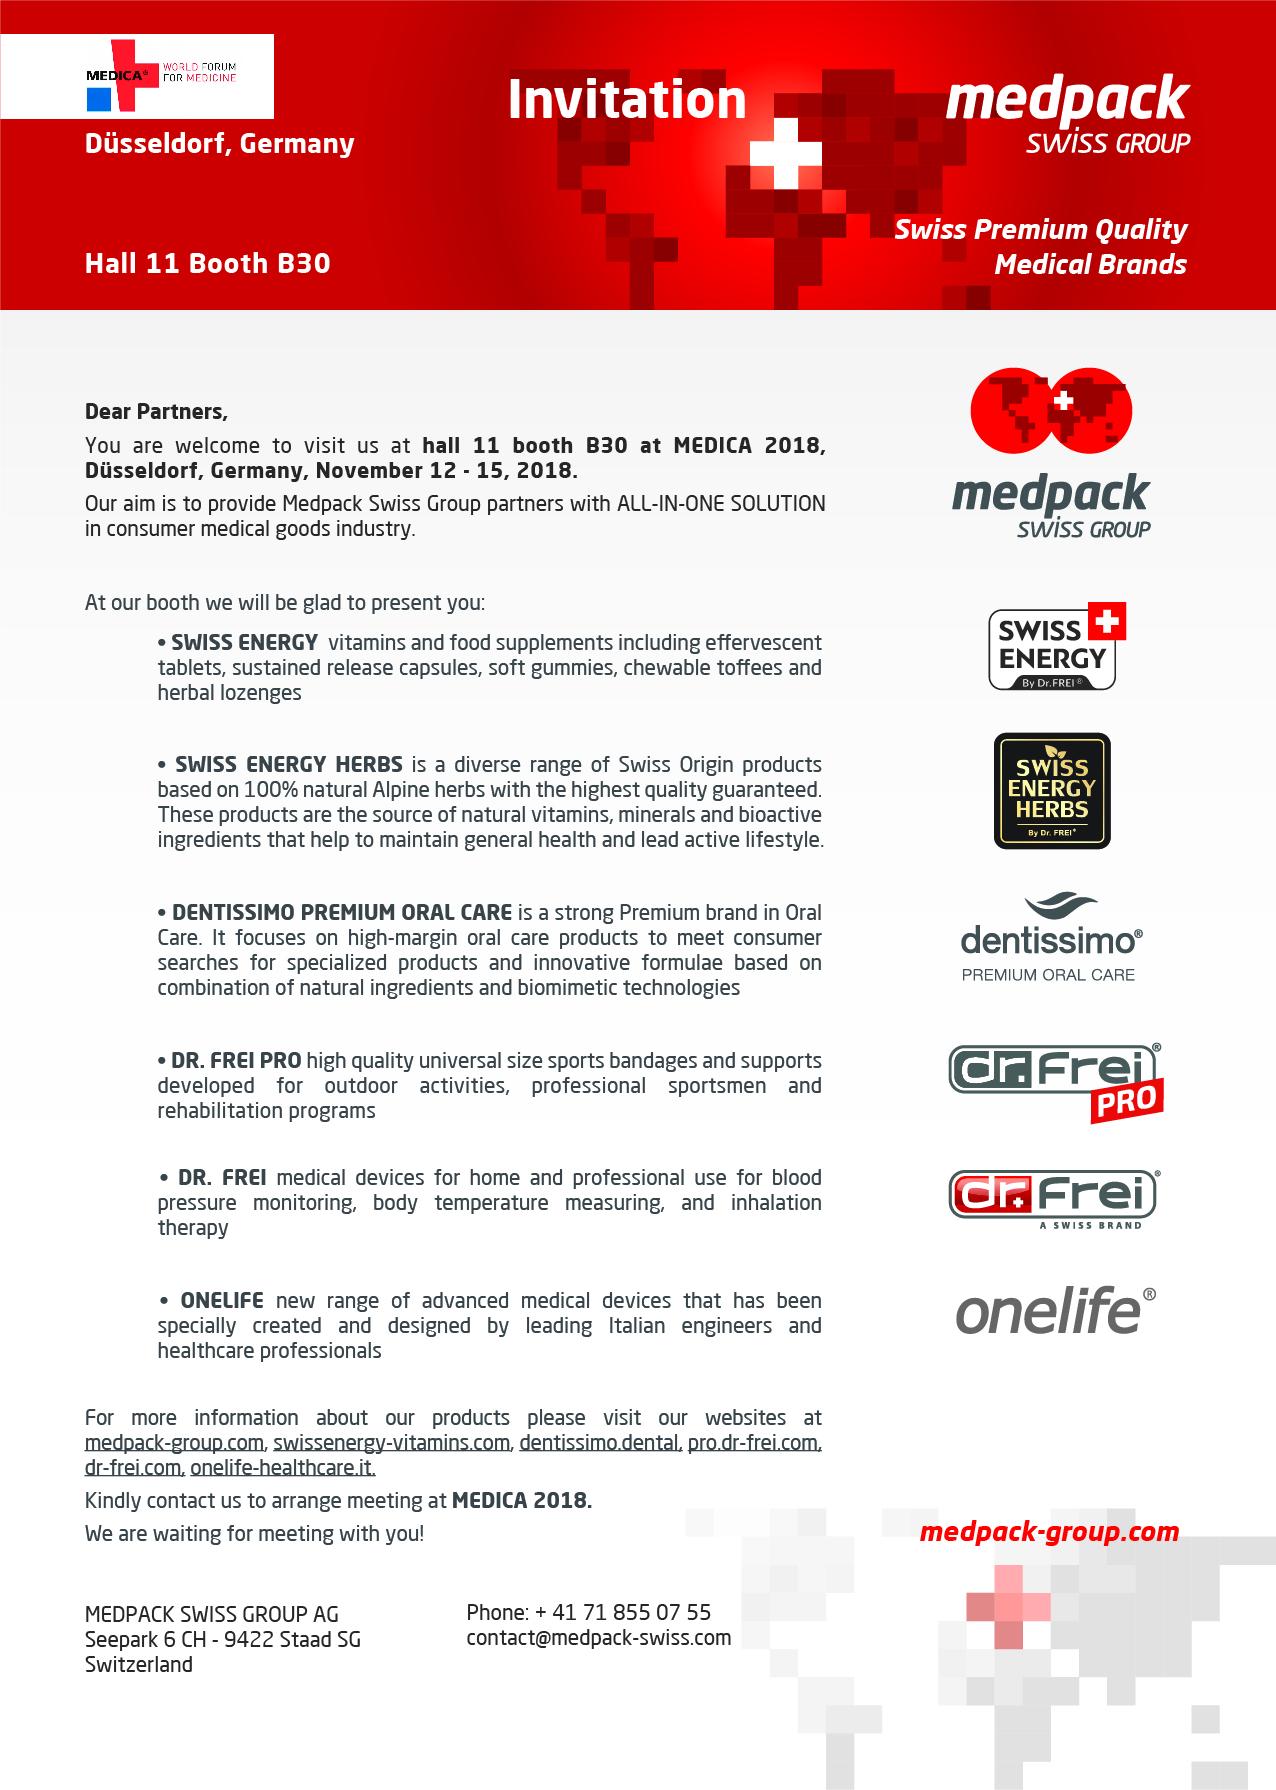 Invitation to MEDICA 2018